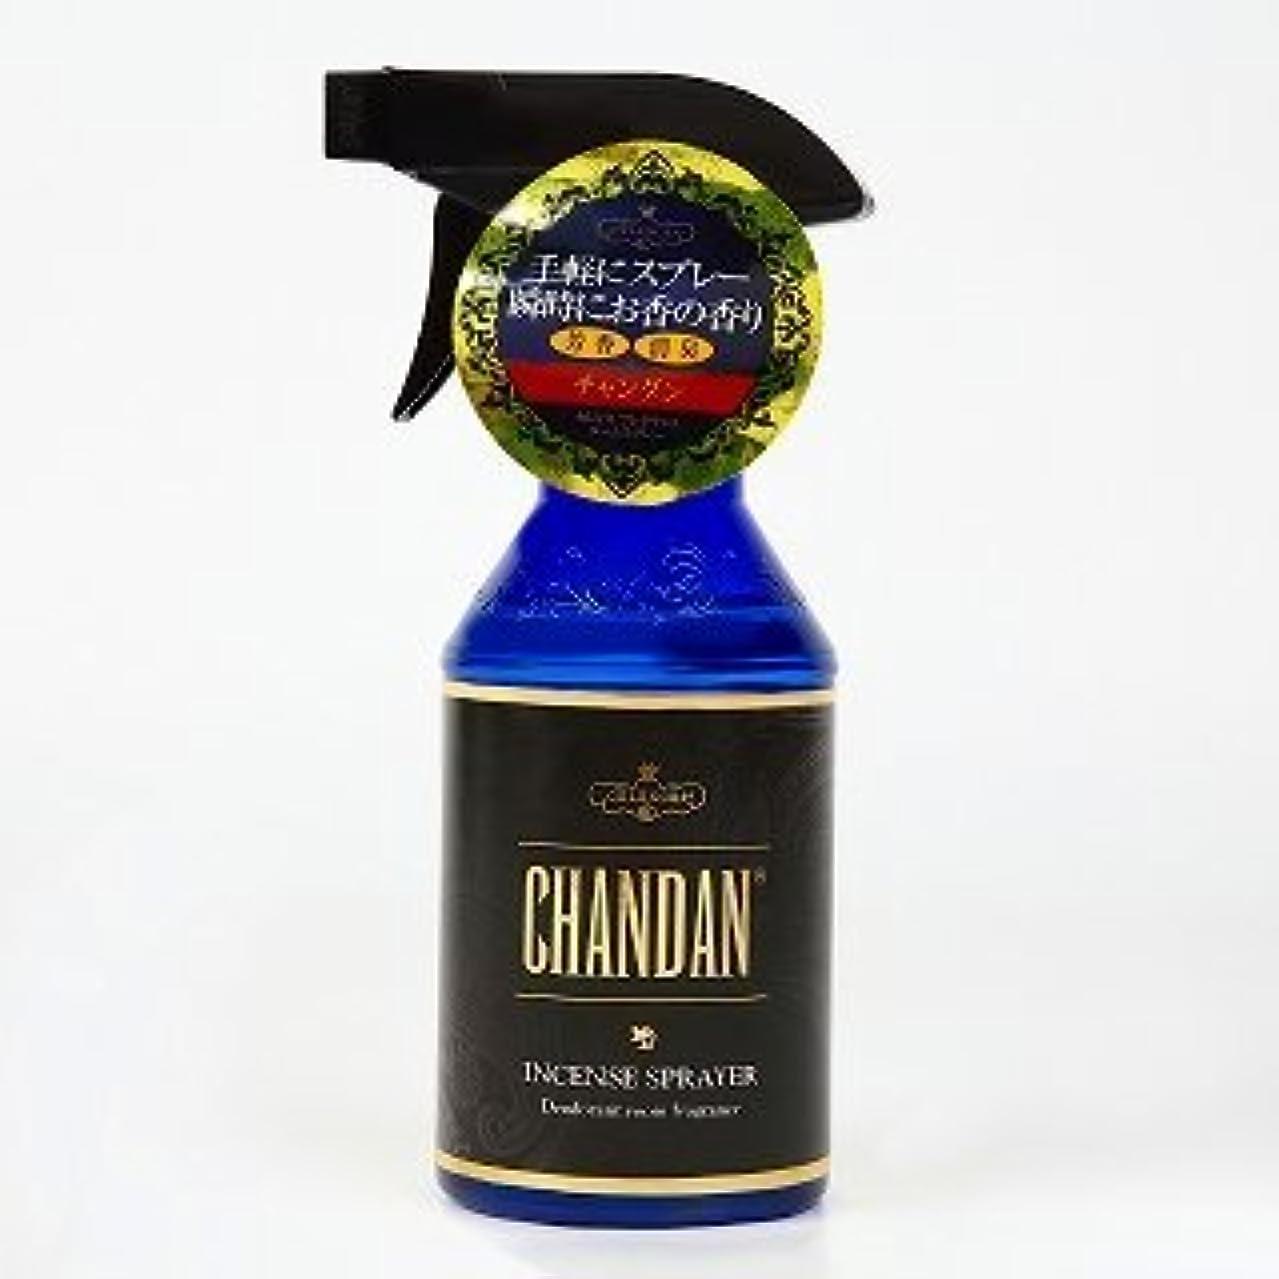 できる食堂フランクワースリーお香の香りの芳香剤 セレンスフレグランスルームスプレー チャンダン